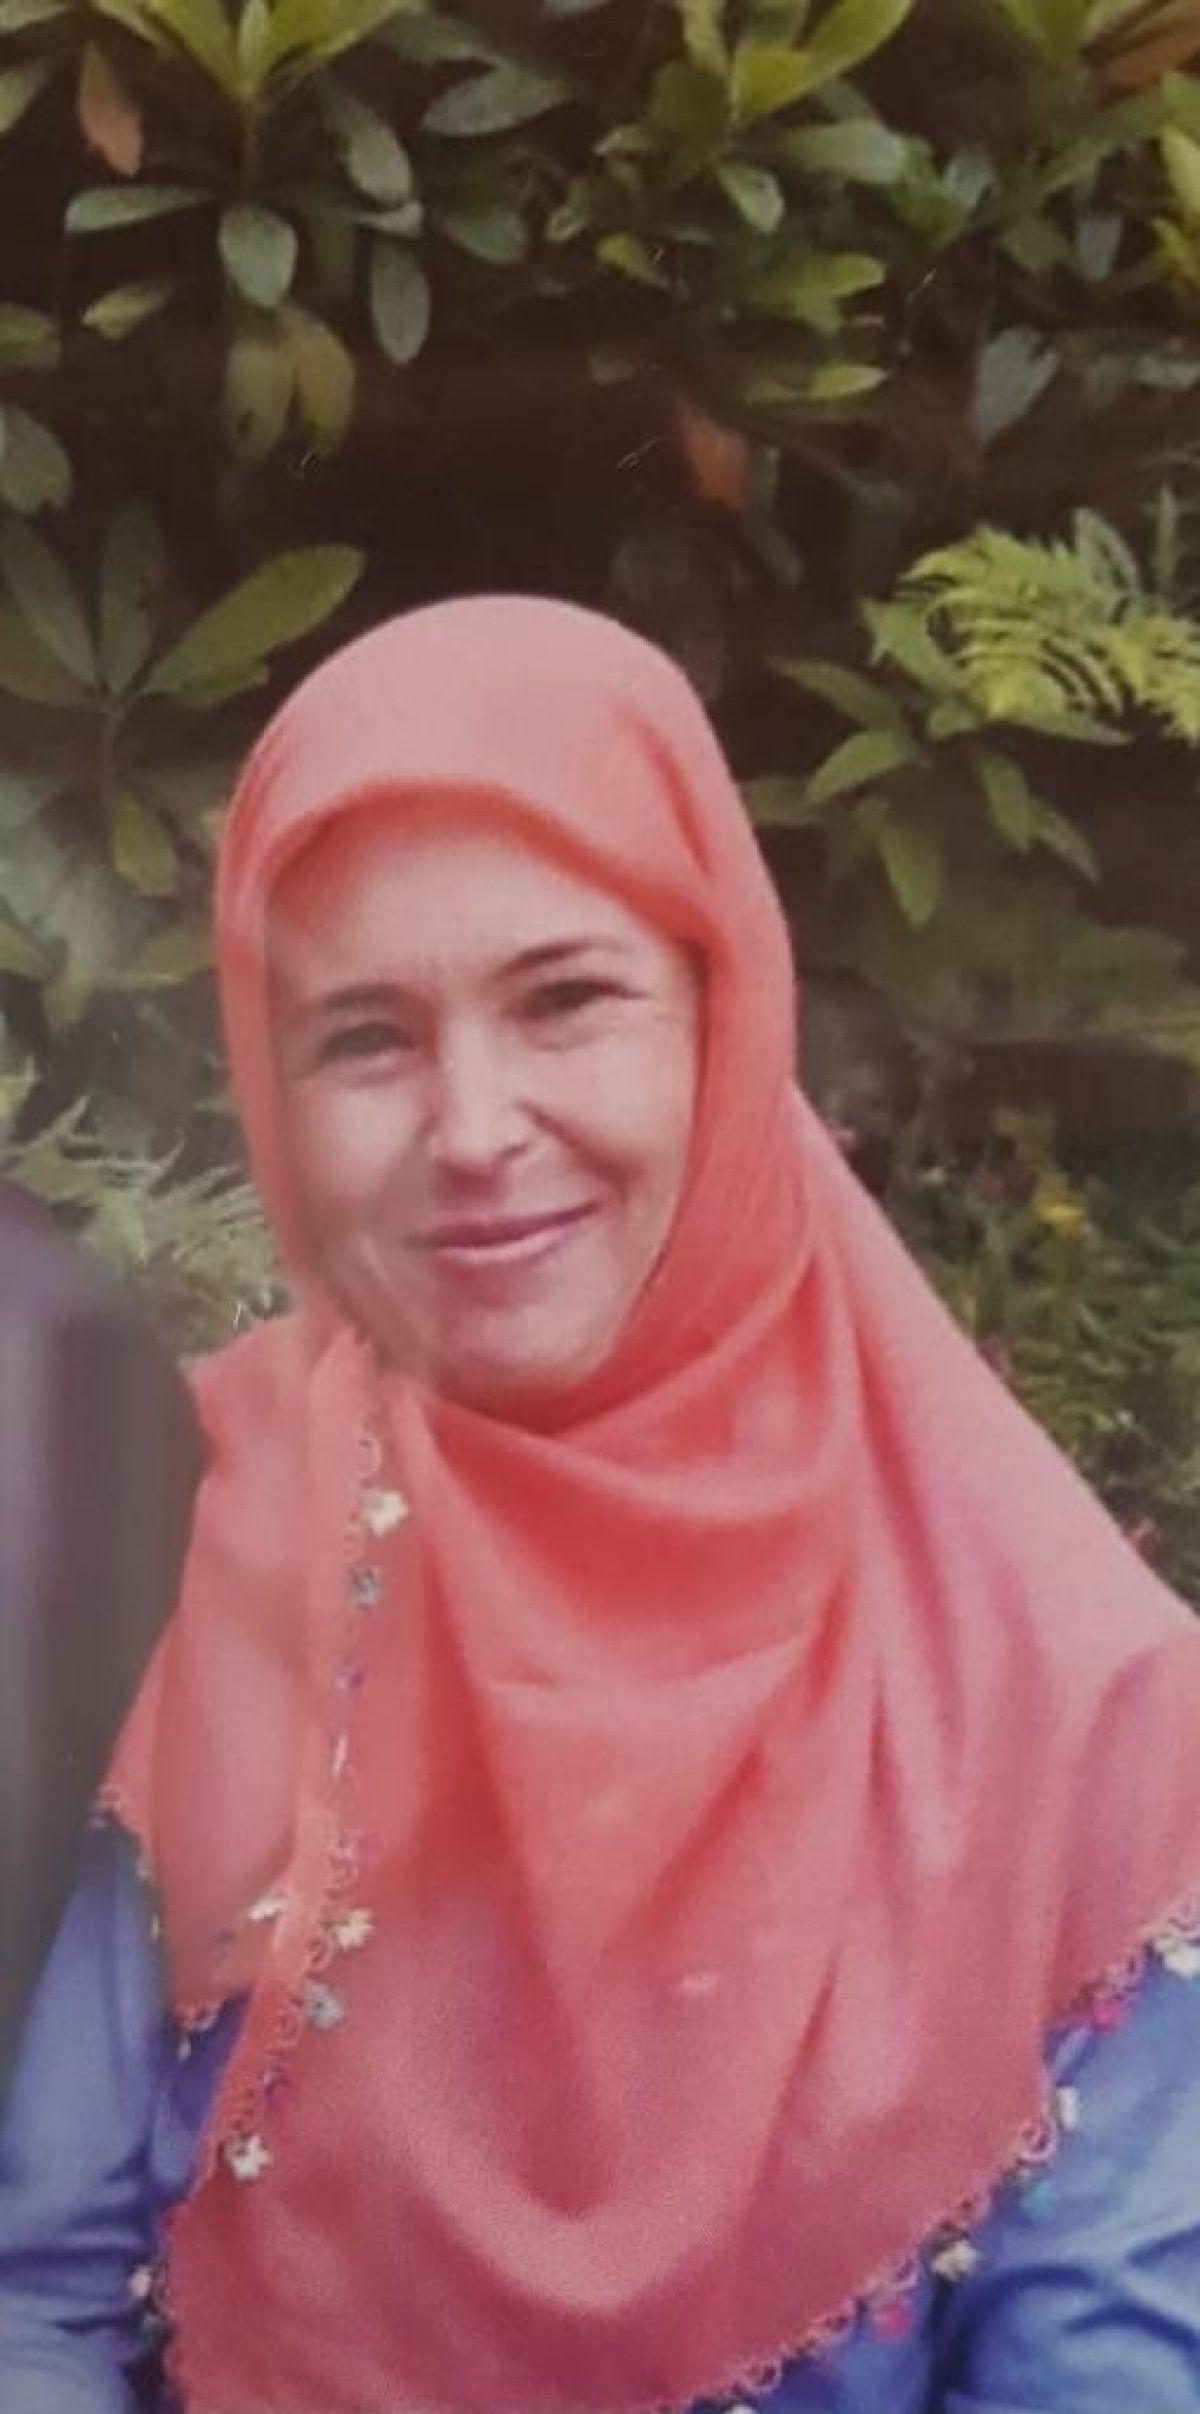 Kocaeli de amcasının dini nikahlı eşini boğarak öldüren şahıs tutuklandı #3